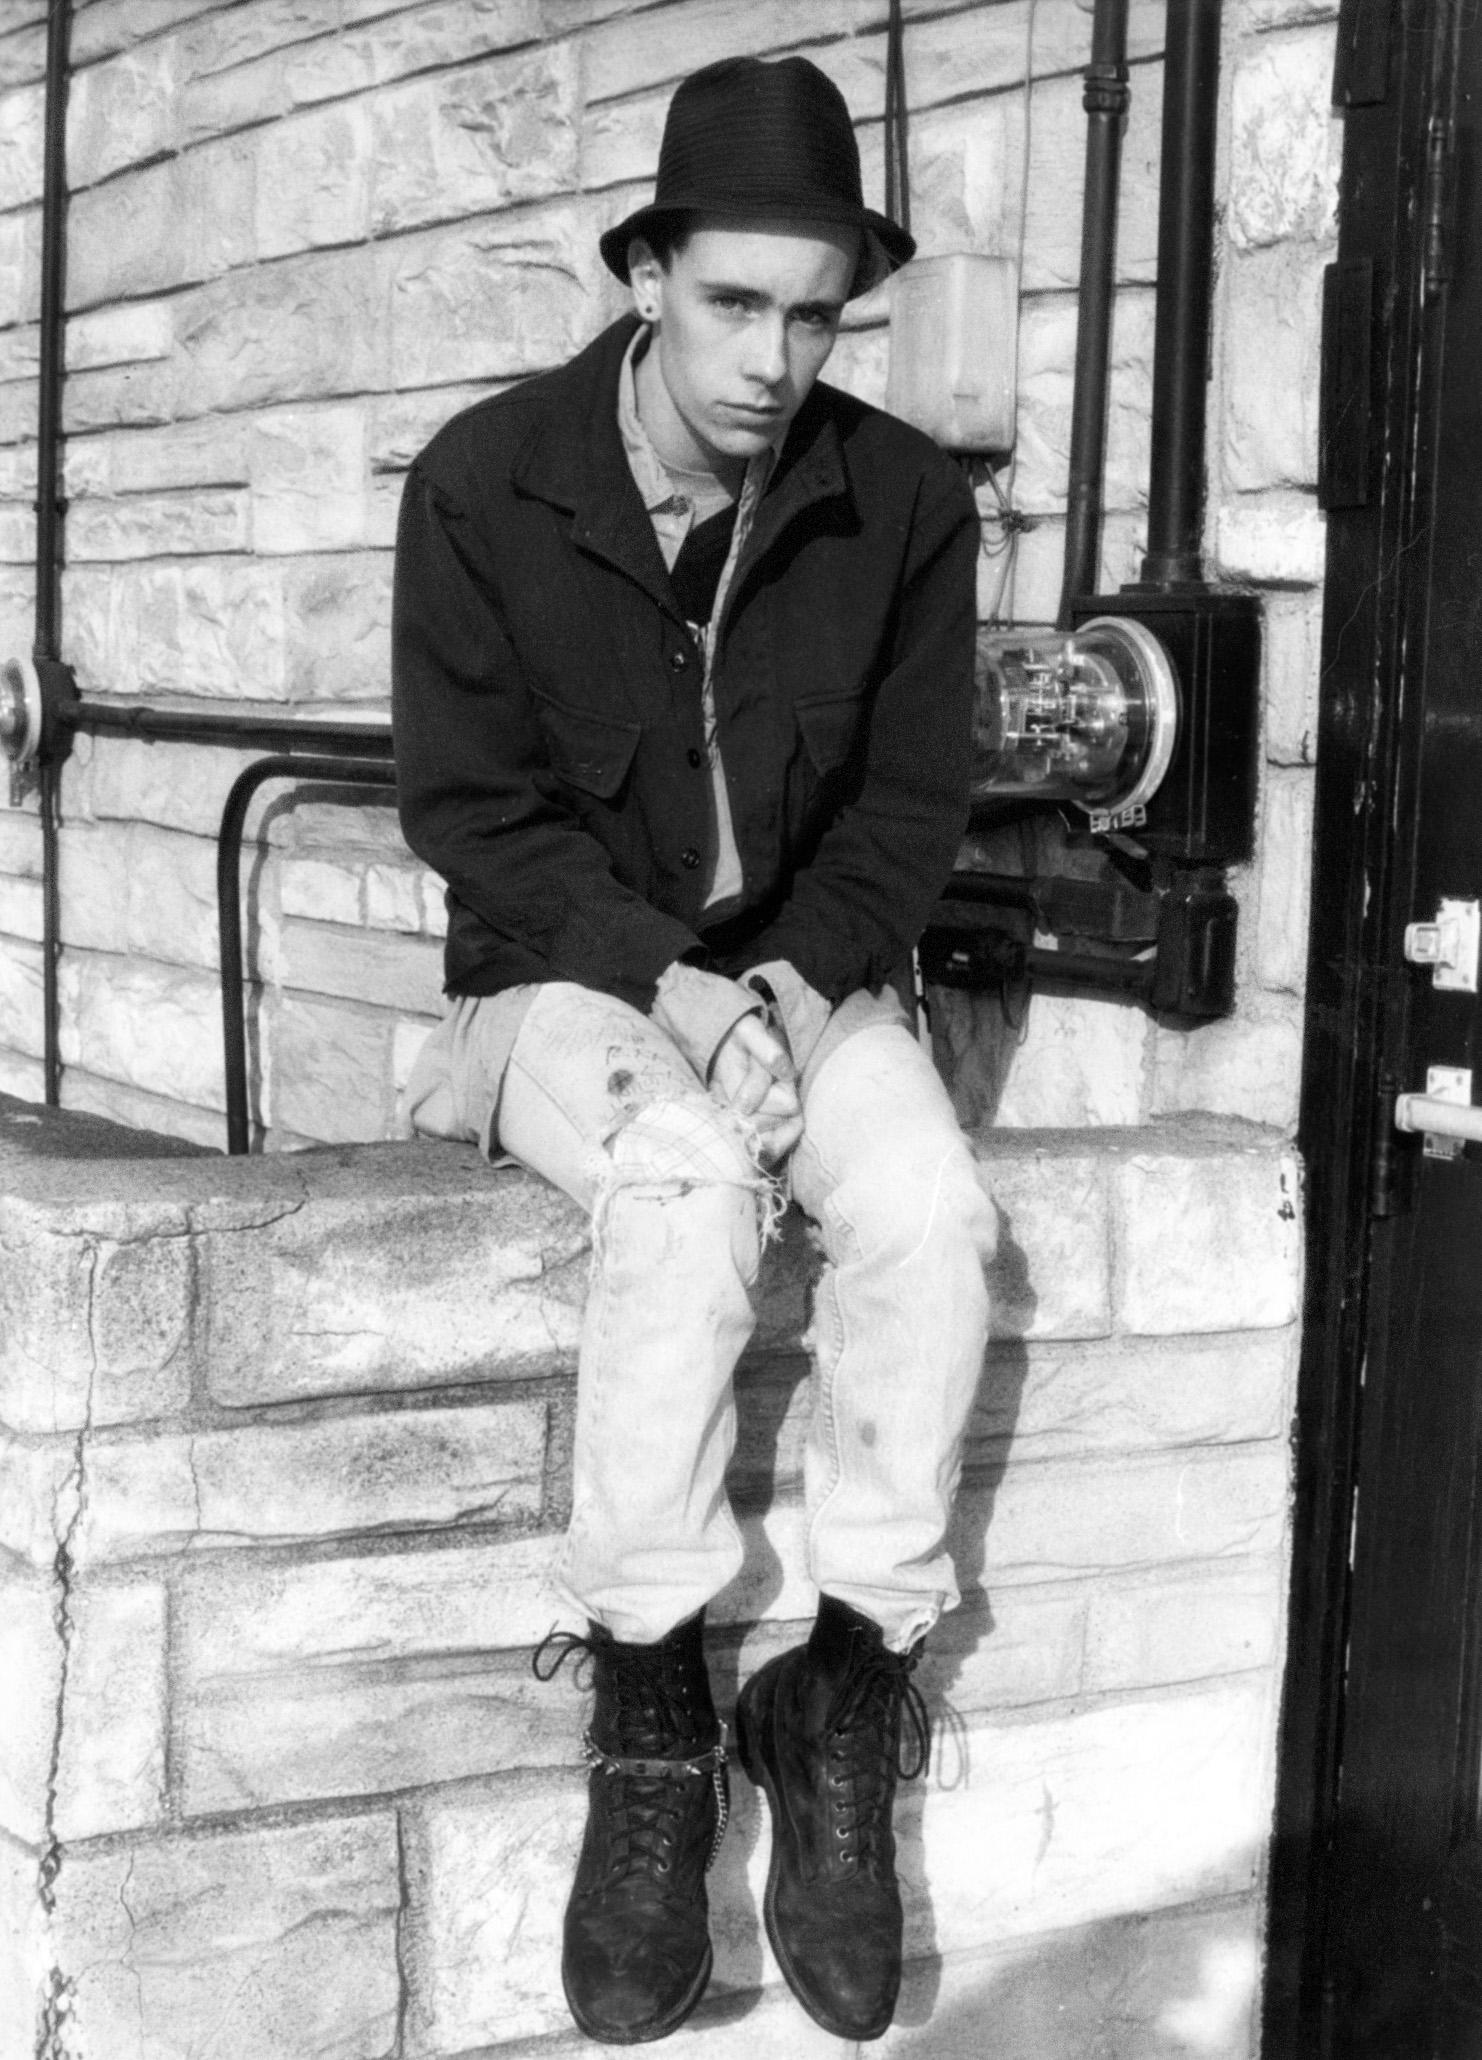 ragazzo punk con anfibi dr martens anni 80 1984